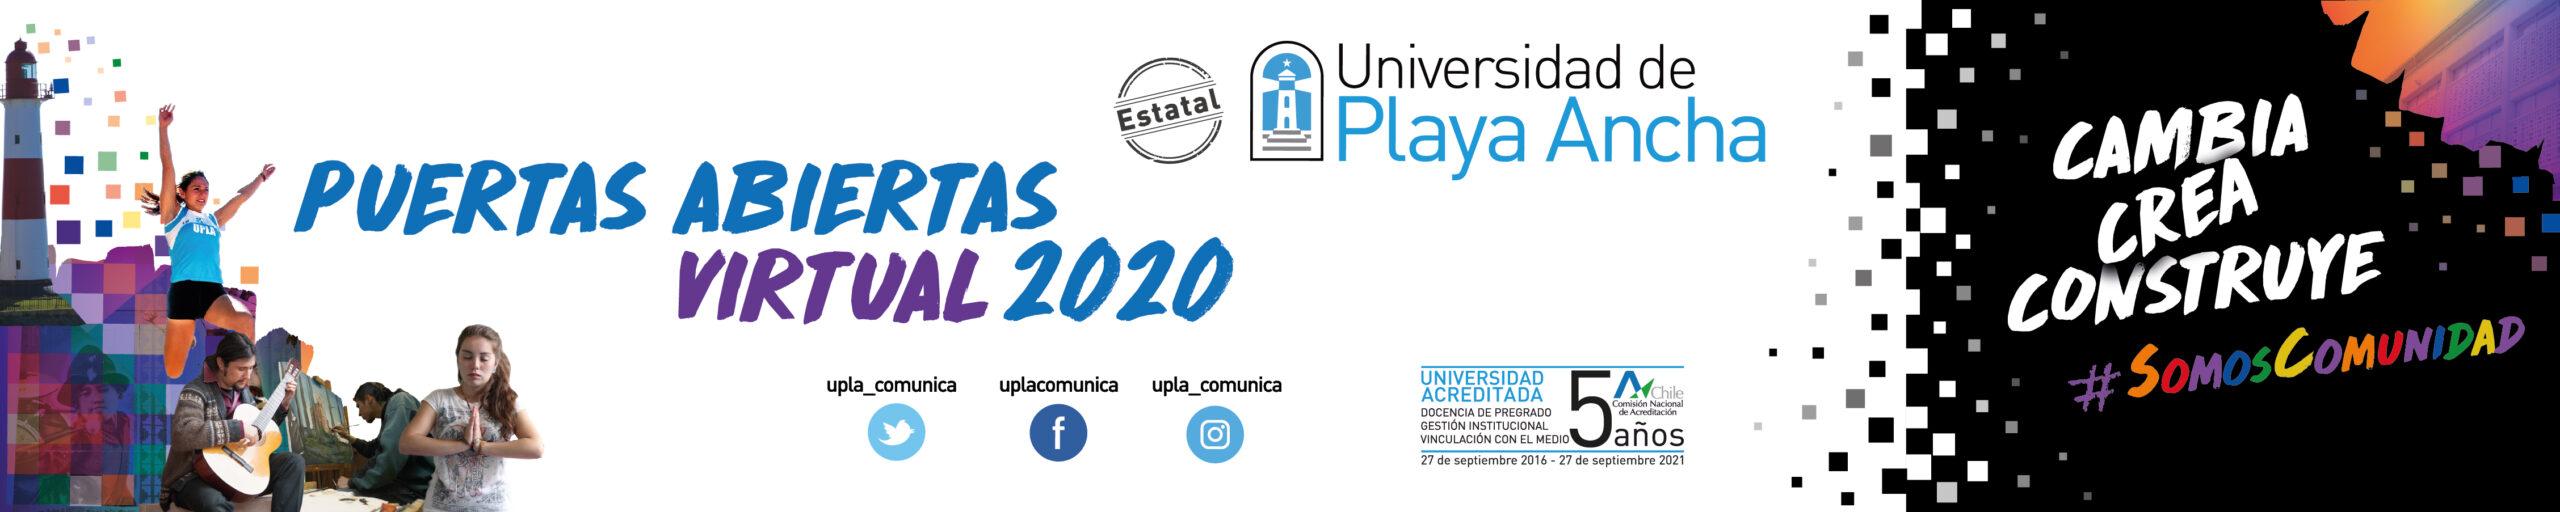 UPLA - Puertas Abiertas Virtual 2020